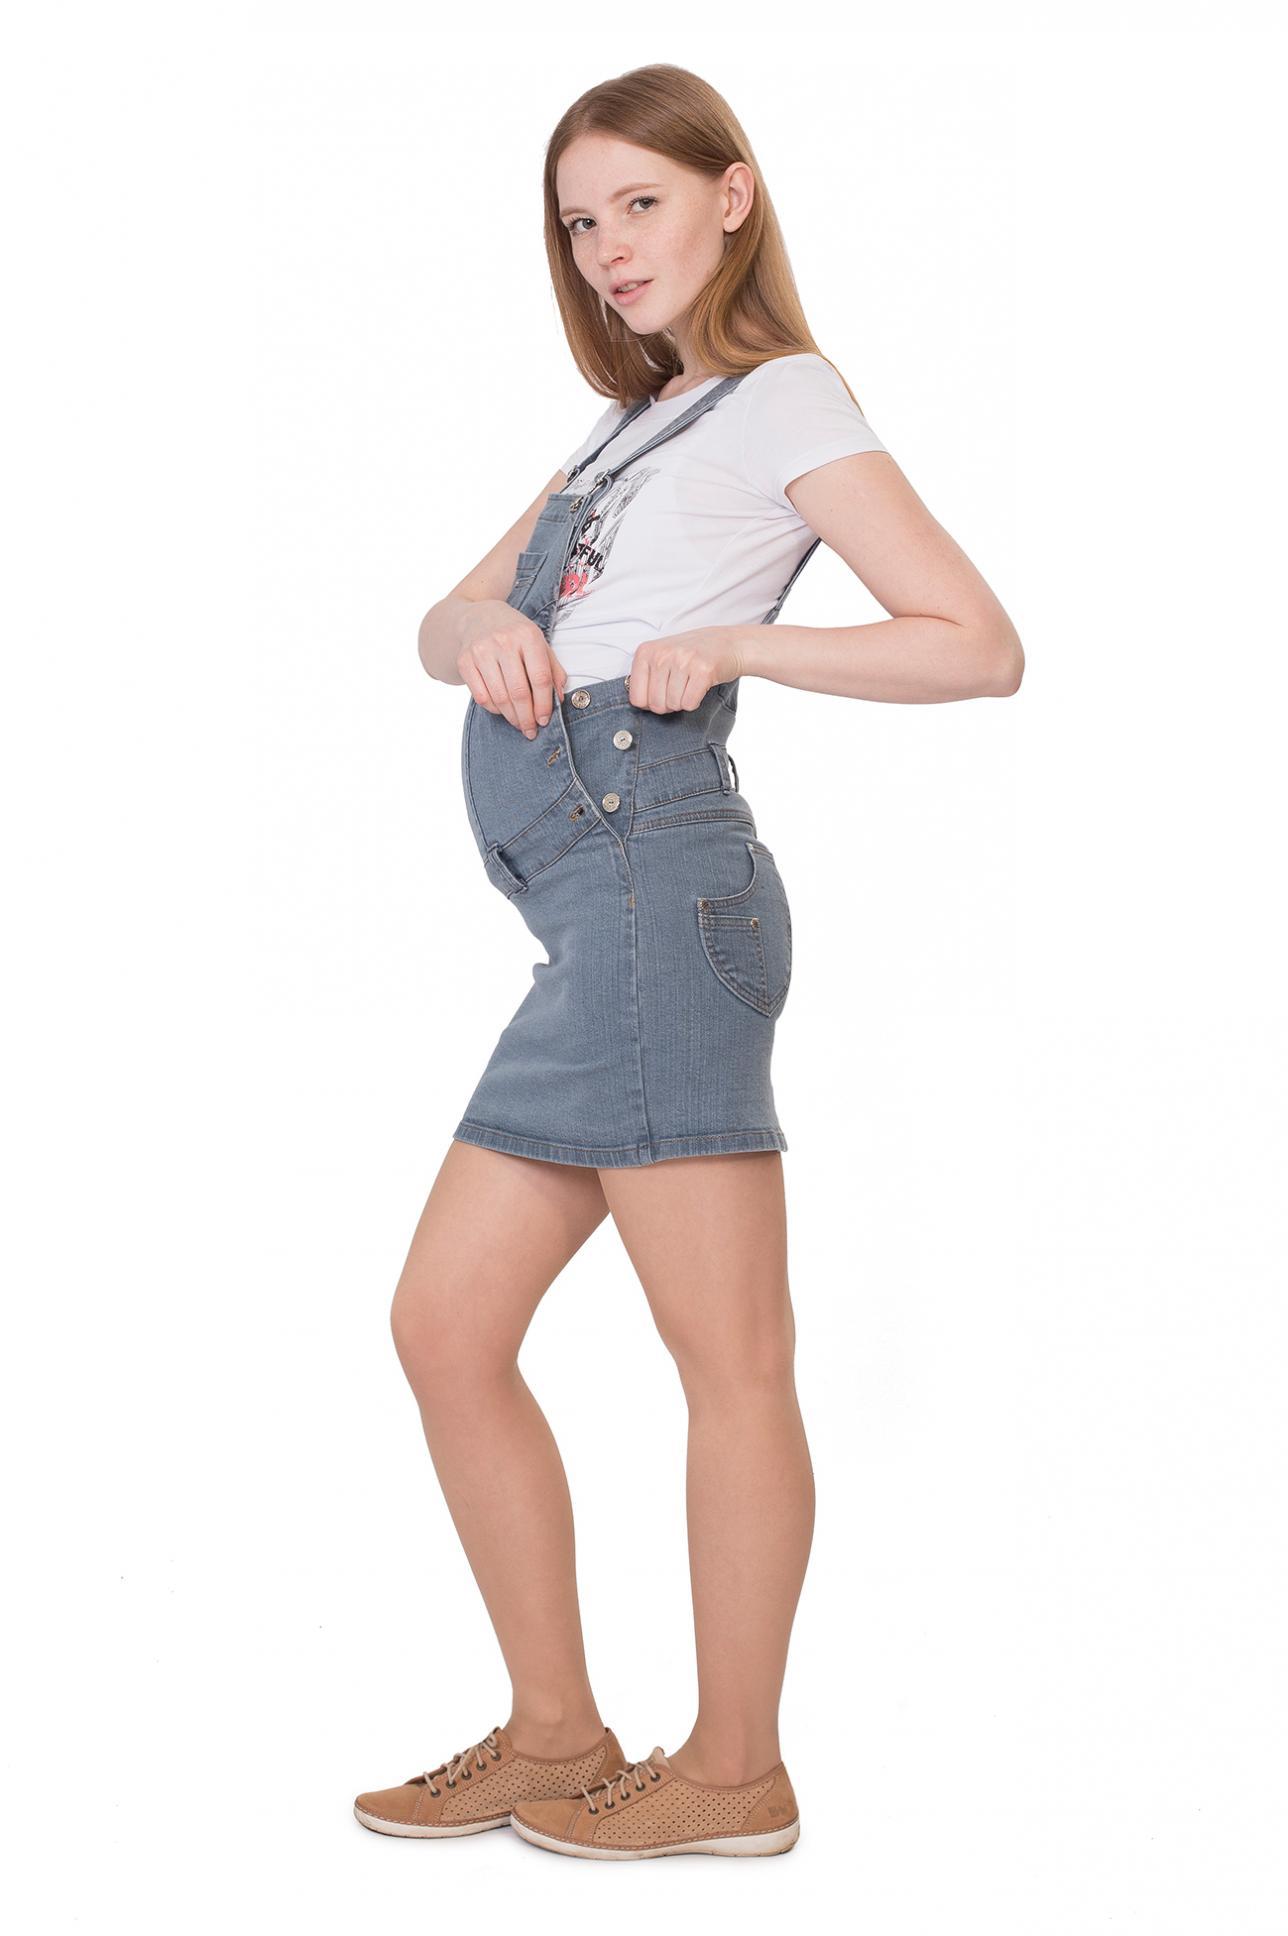 Сарафан для беременных джинсовый Сарафан для беременных джинсовый ... 6fe9997d5d1